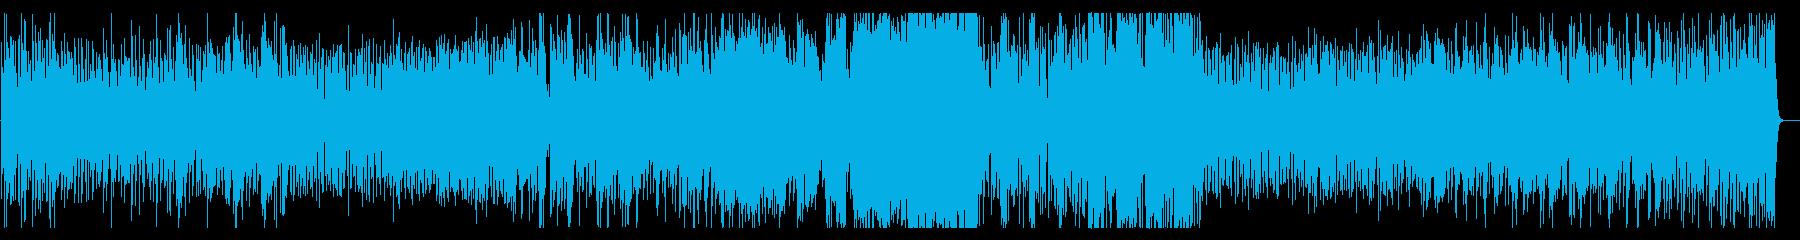 サプライズ・アタックの再生済みの波形